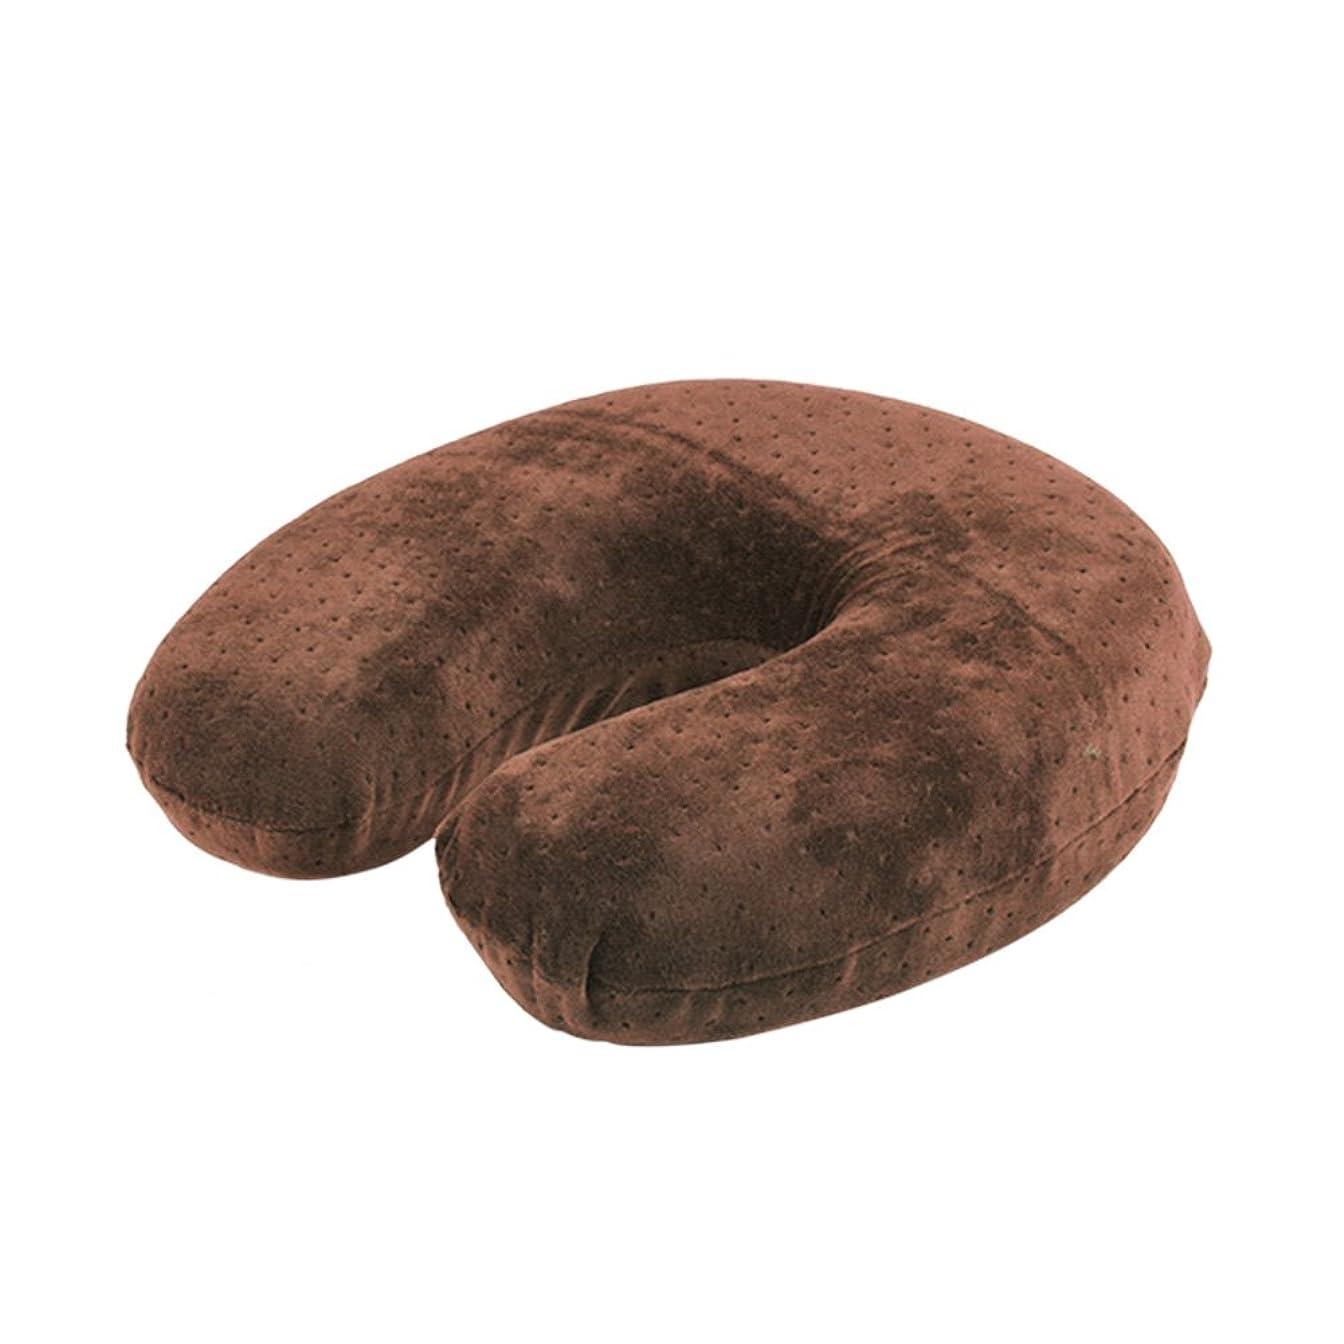 回復形隠されたU字型枕、ビロードの反発の記憶泡の首の頭部の頚部枕残り旅行クッション(Brown)